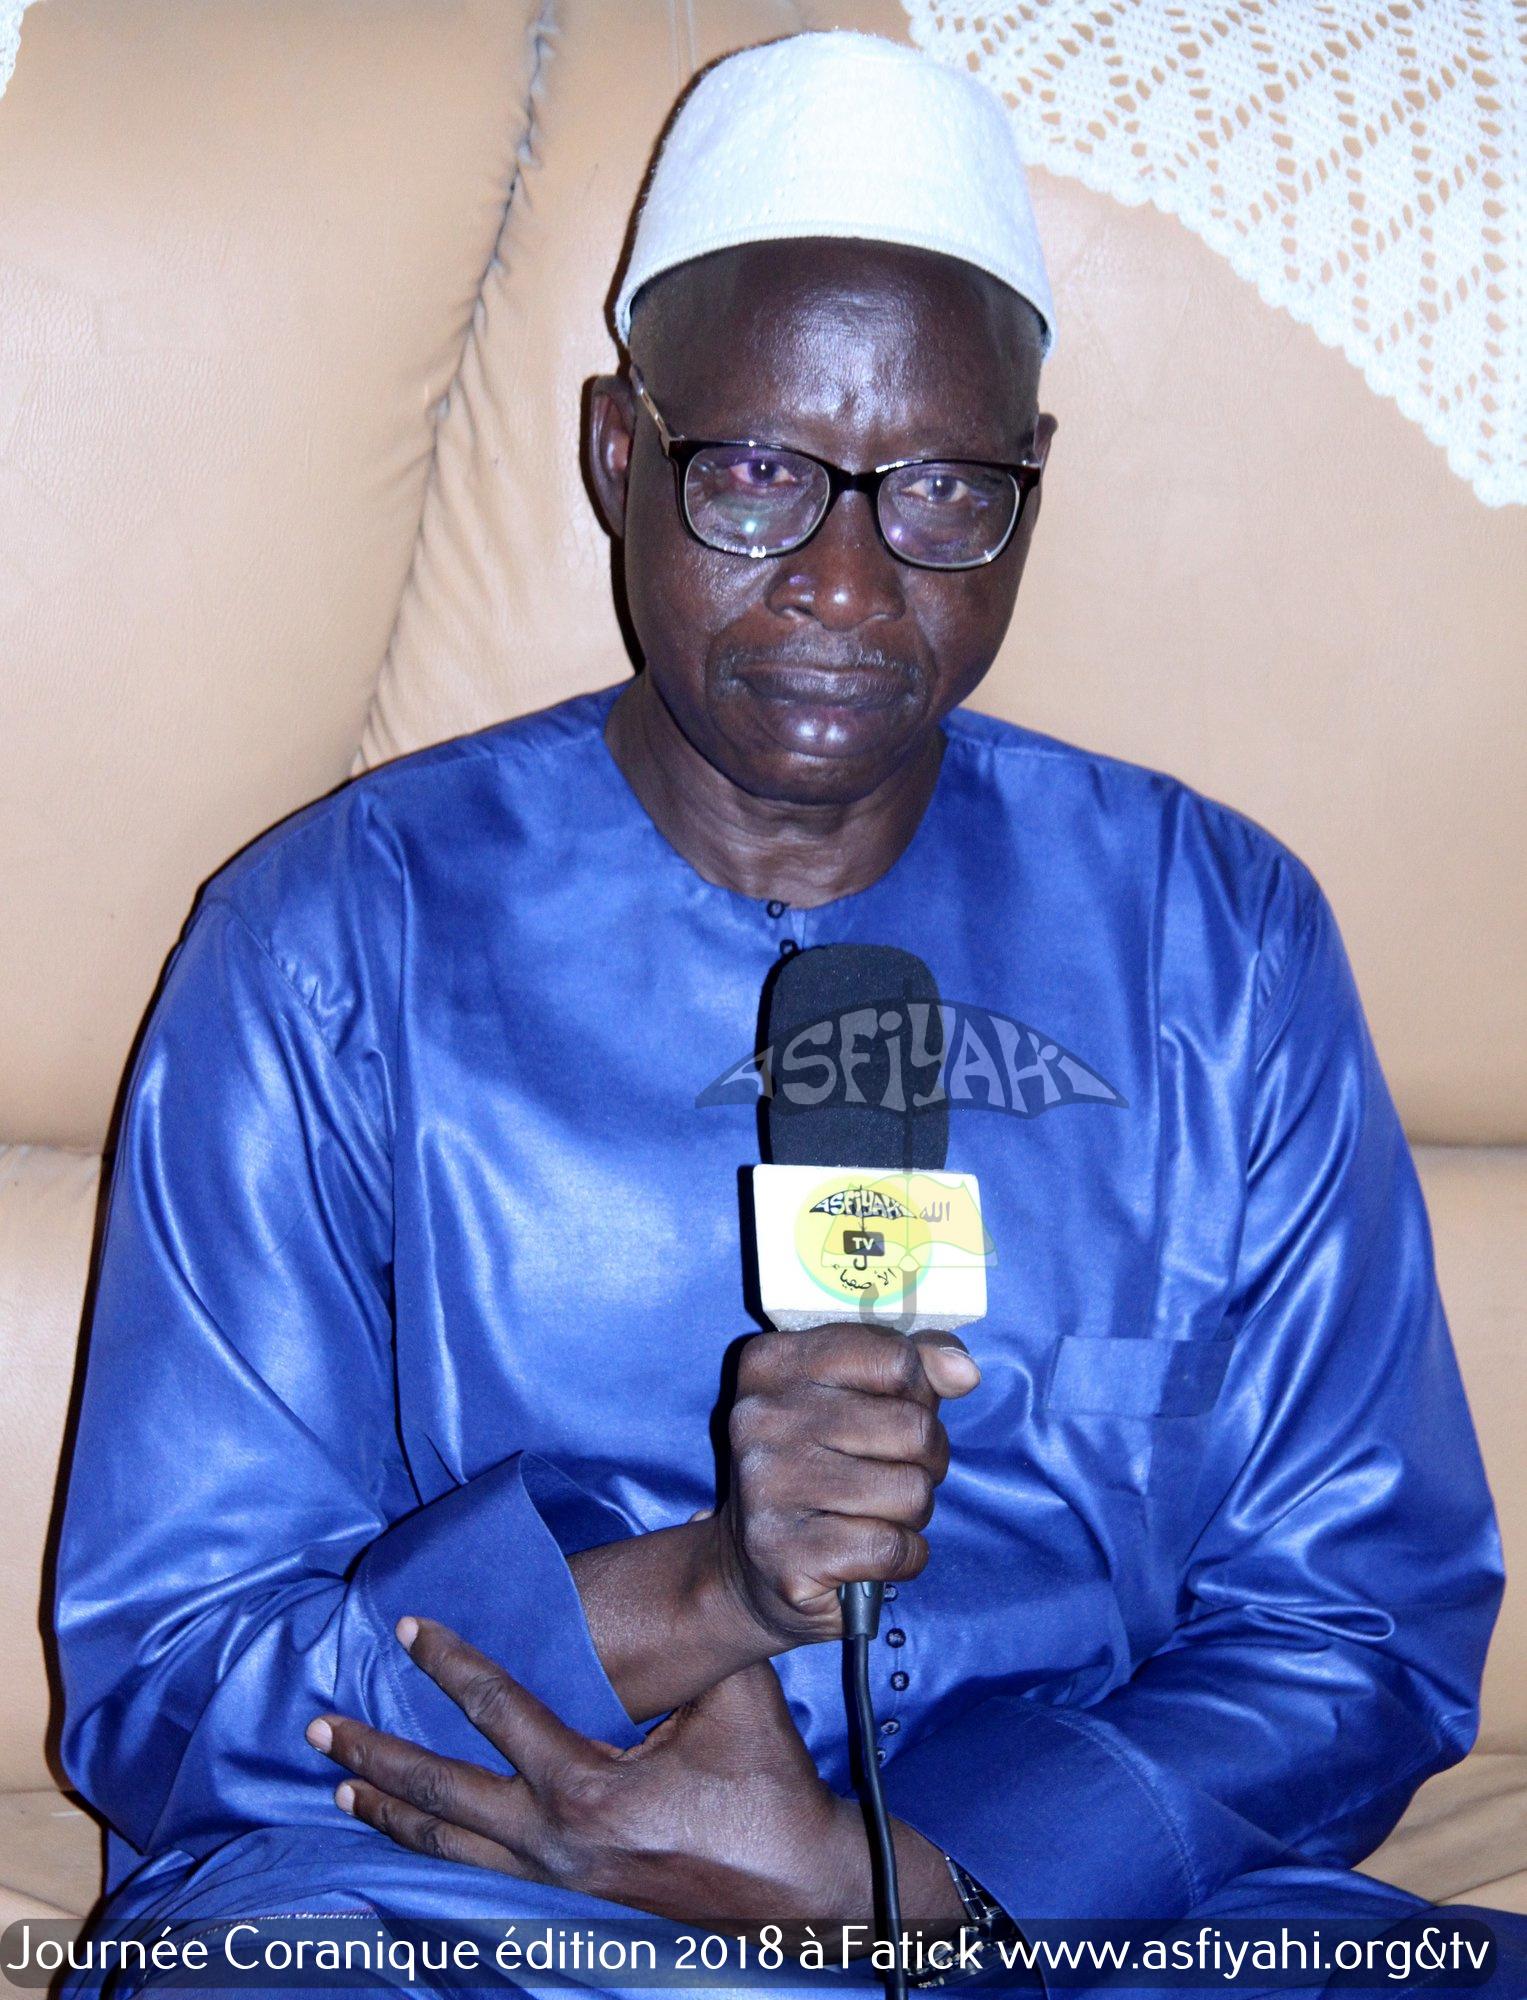 PHOTOS - FATICK - Les Images de la Journée Coranique de l'Amicale des Disciples et Sympathisants de Serigne Mouhamadou Mbengue au quartier NDIOUK à Fatick